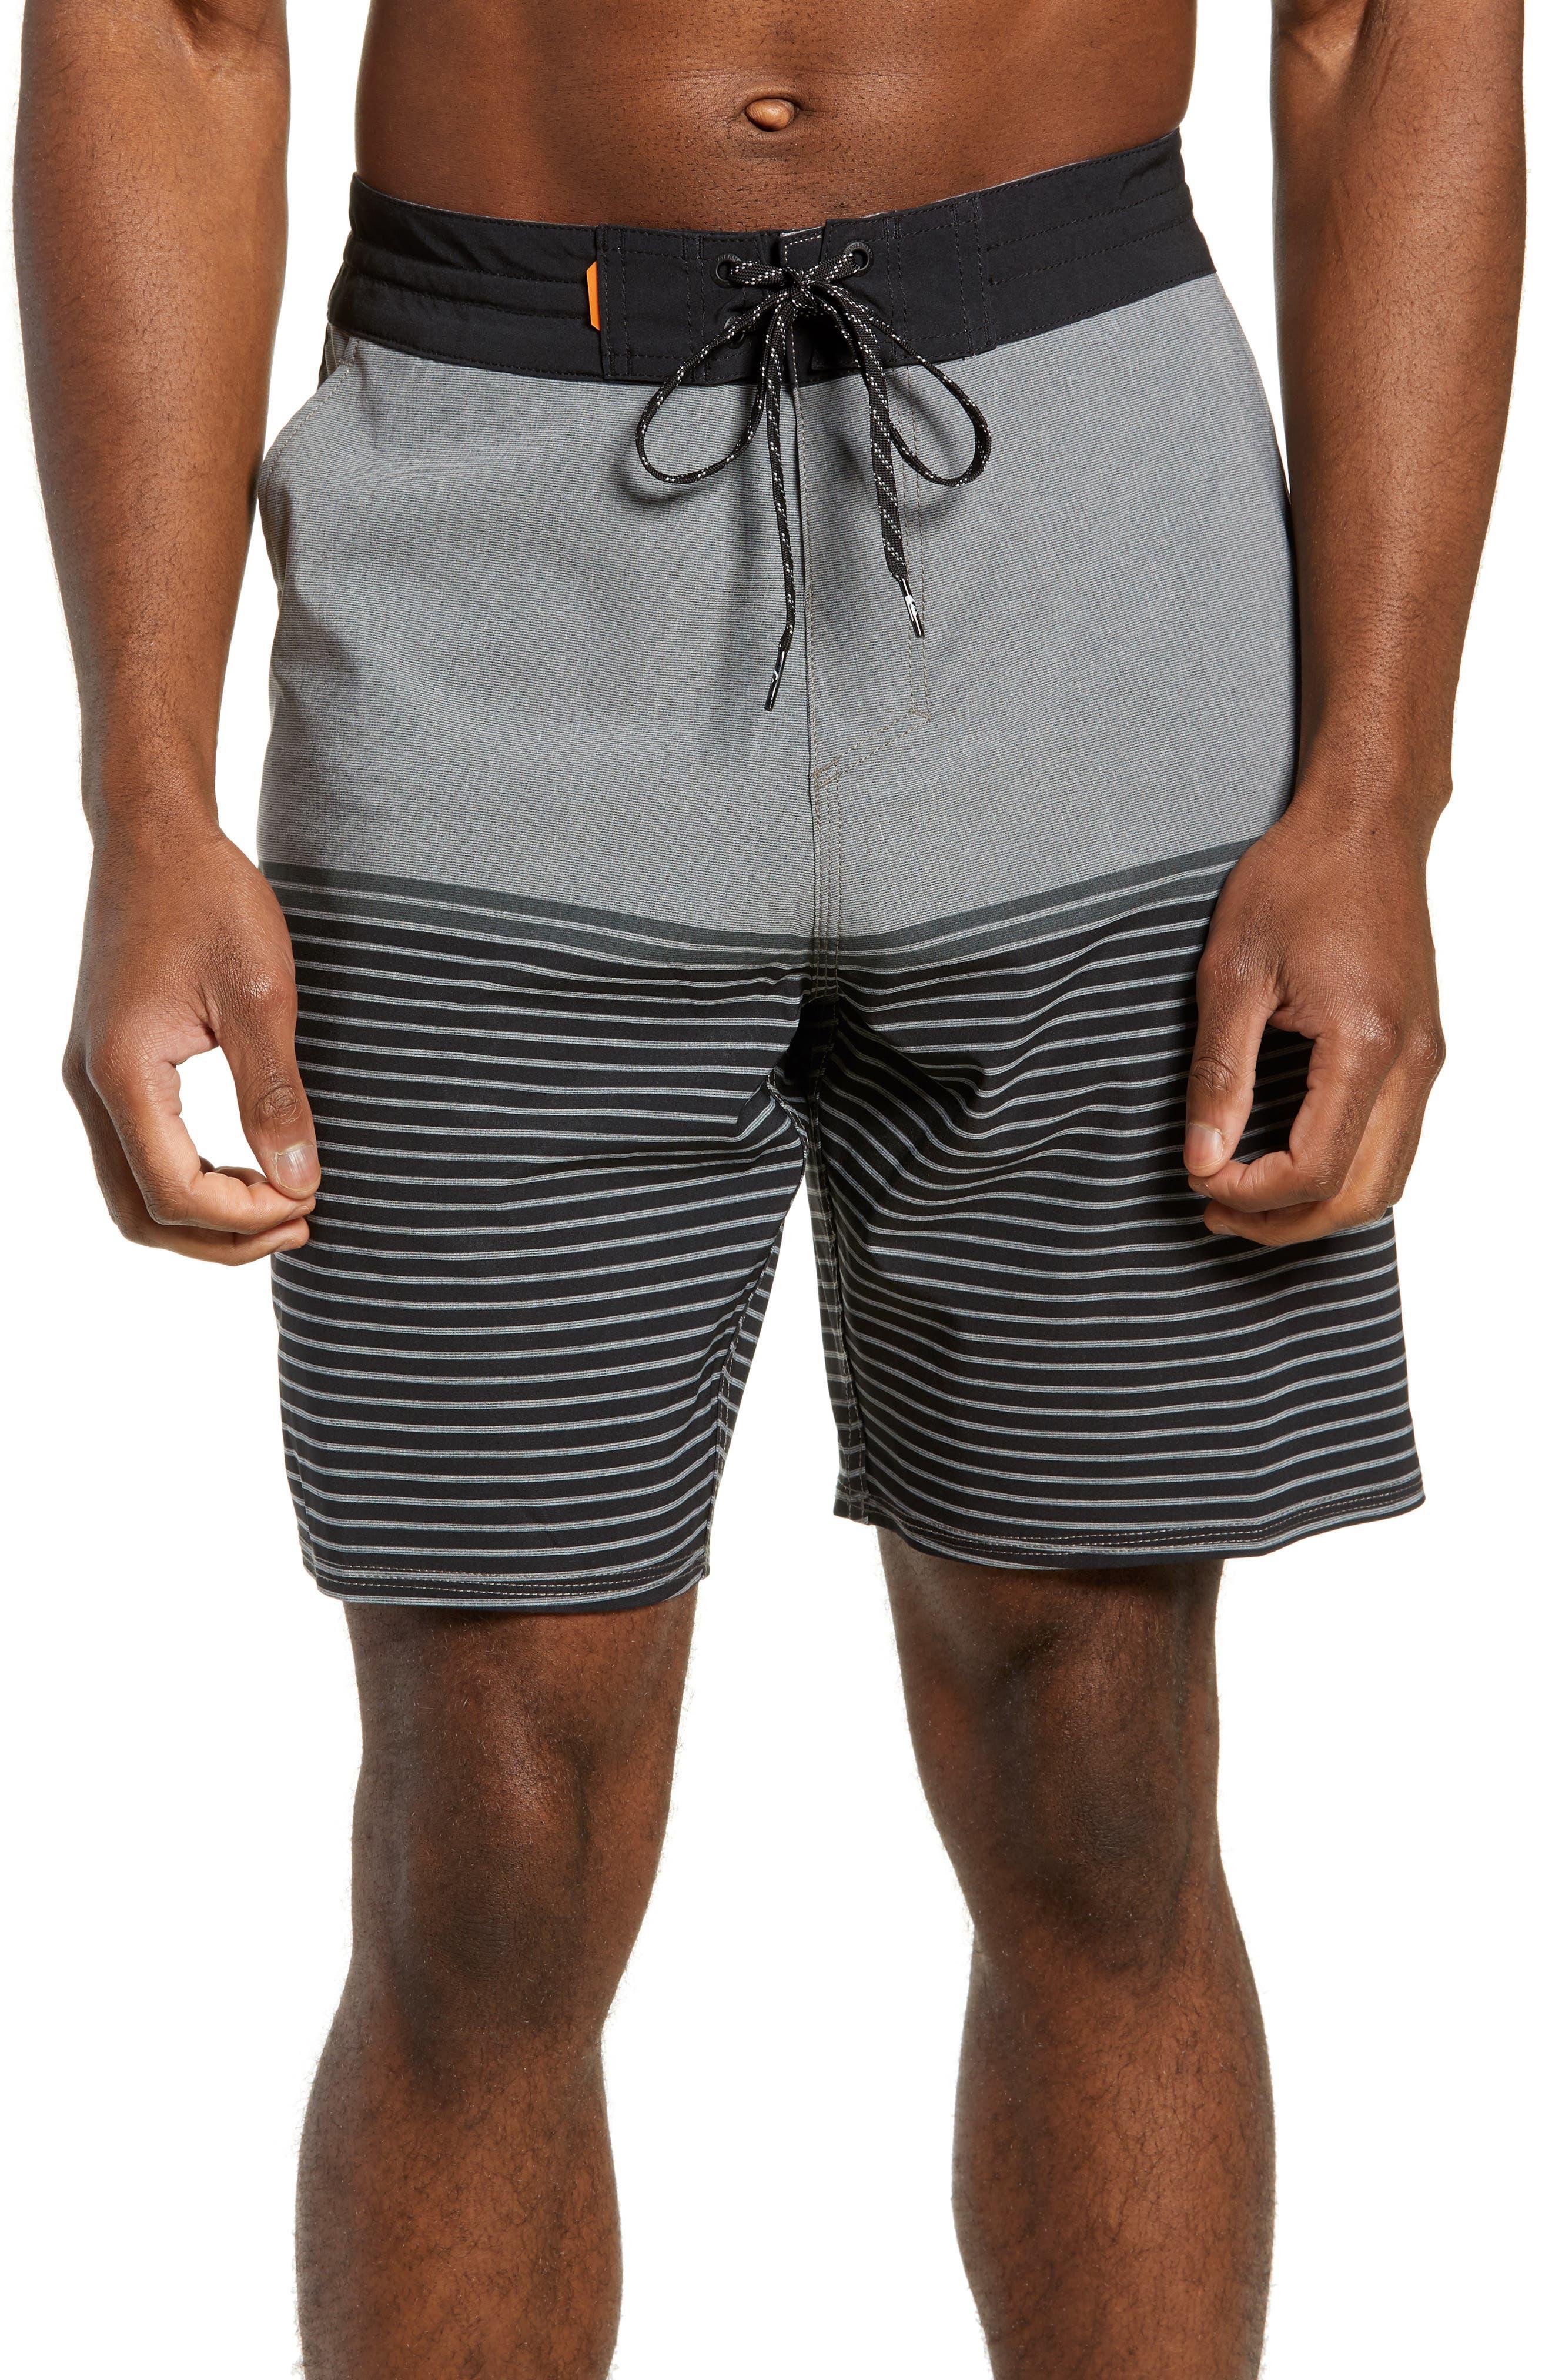 Liberty Stripe Board Shorts,                             Main thumbnail 1, color,                             DARK SHADOW